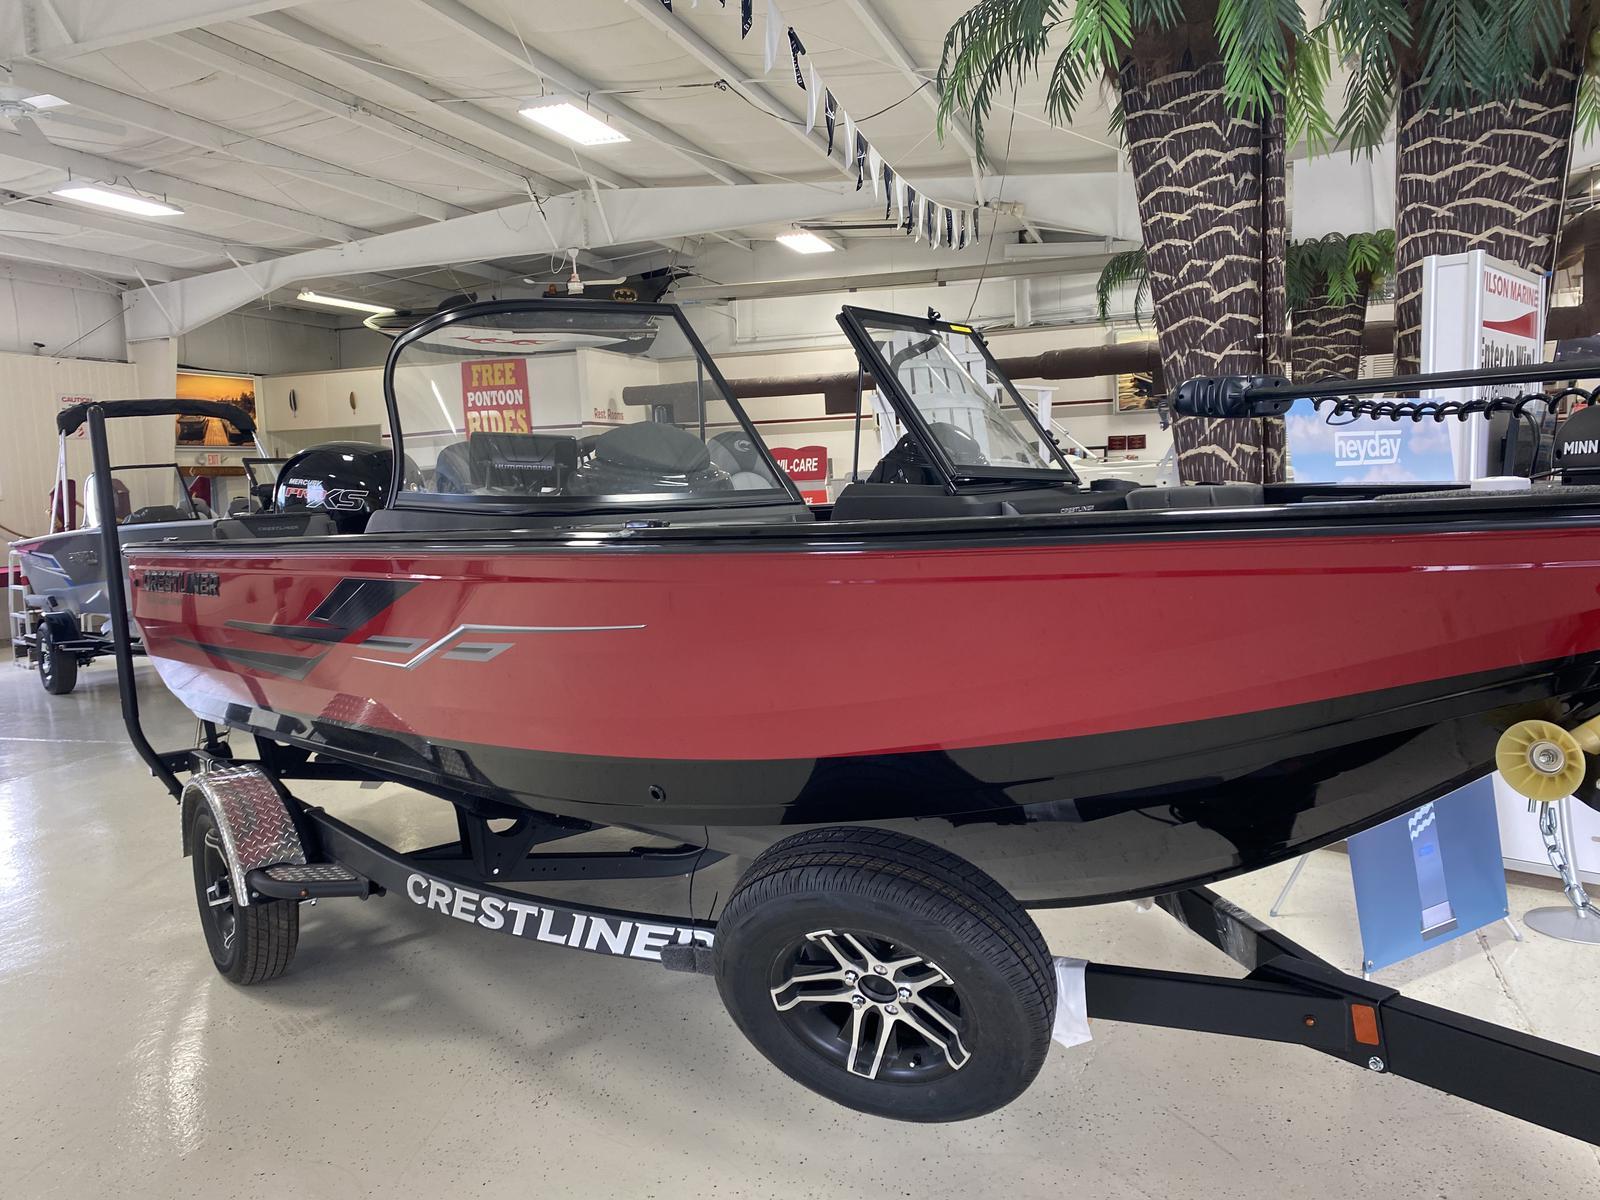 2021 Crestliner boat for sale, model of the boat is 1850 Super Hawk & Image # 1 of 27